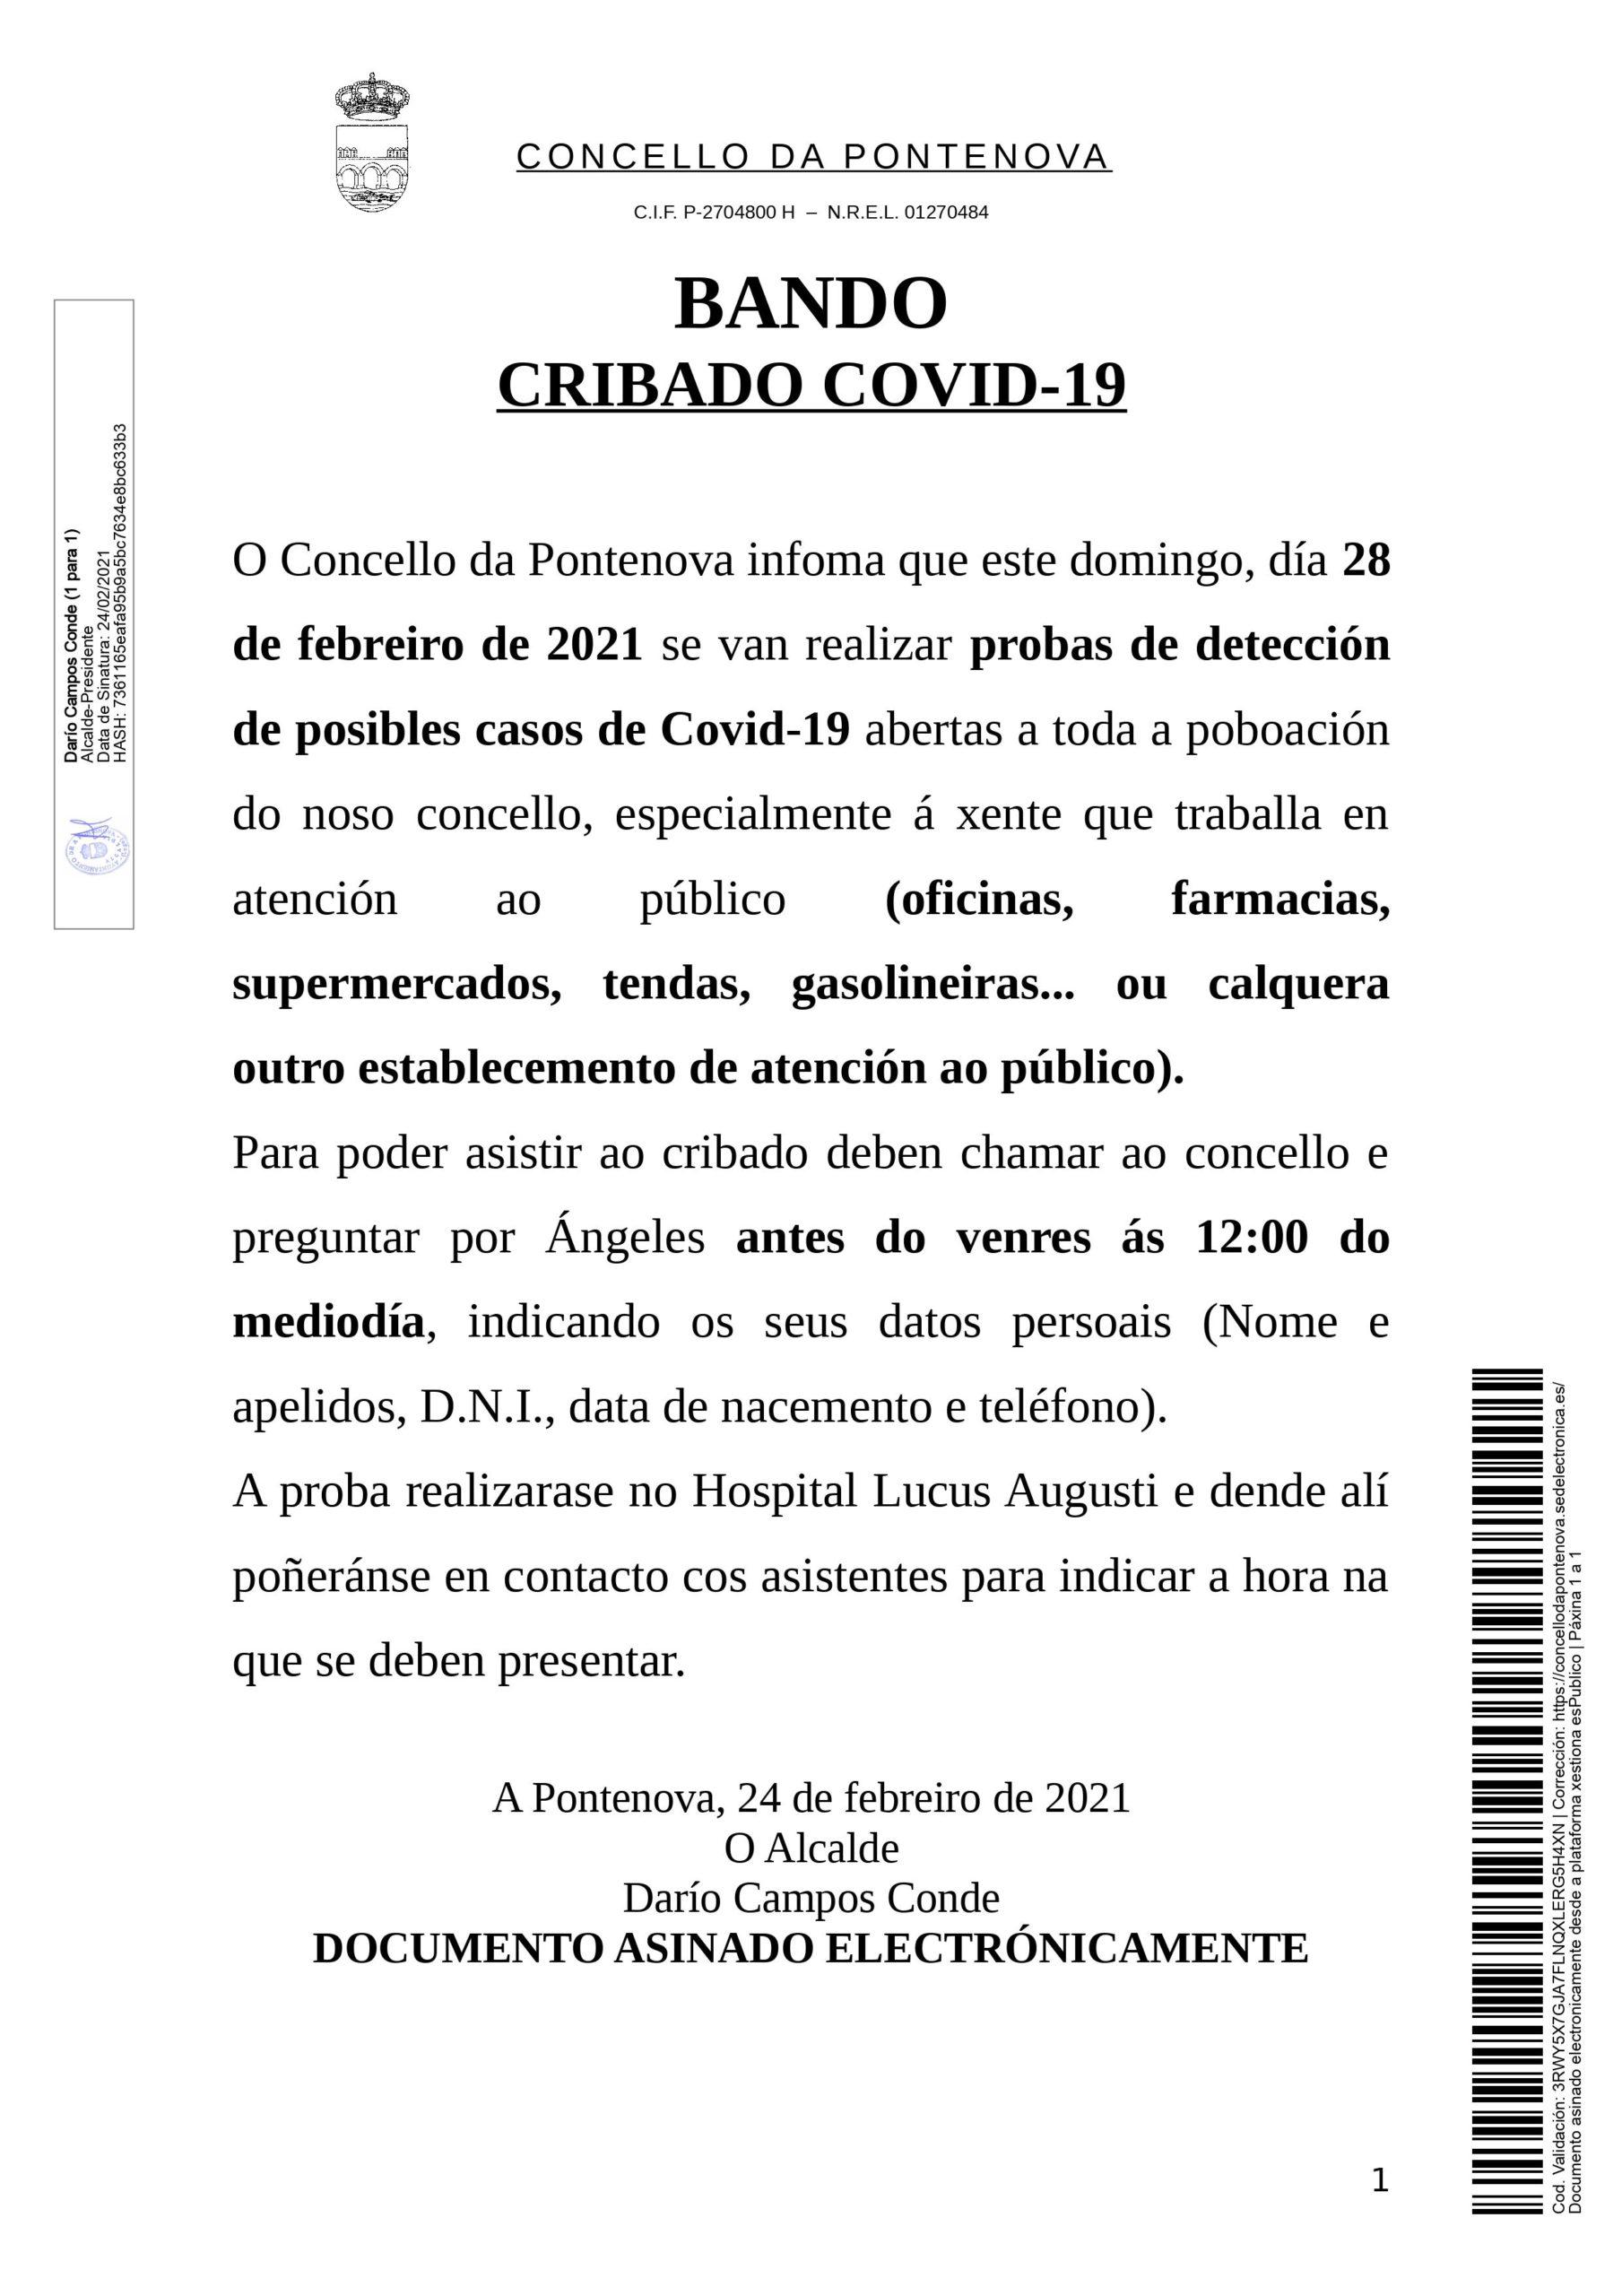 CRIBADO COVID-19 DOMINGO 28/02/2021